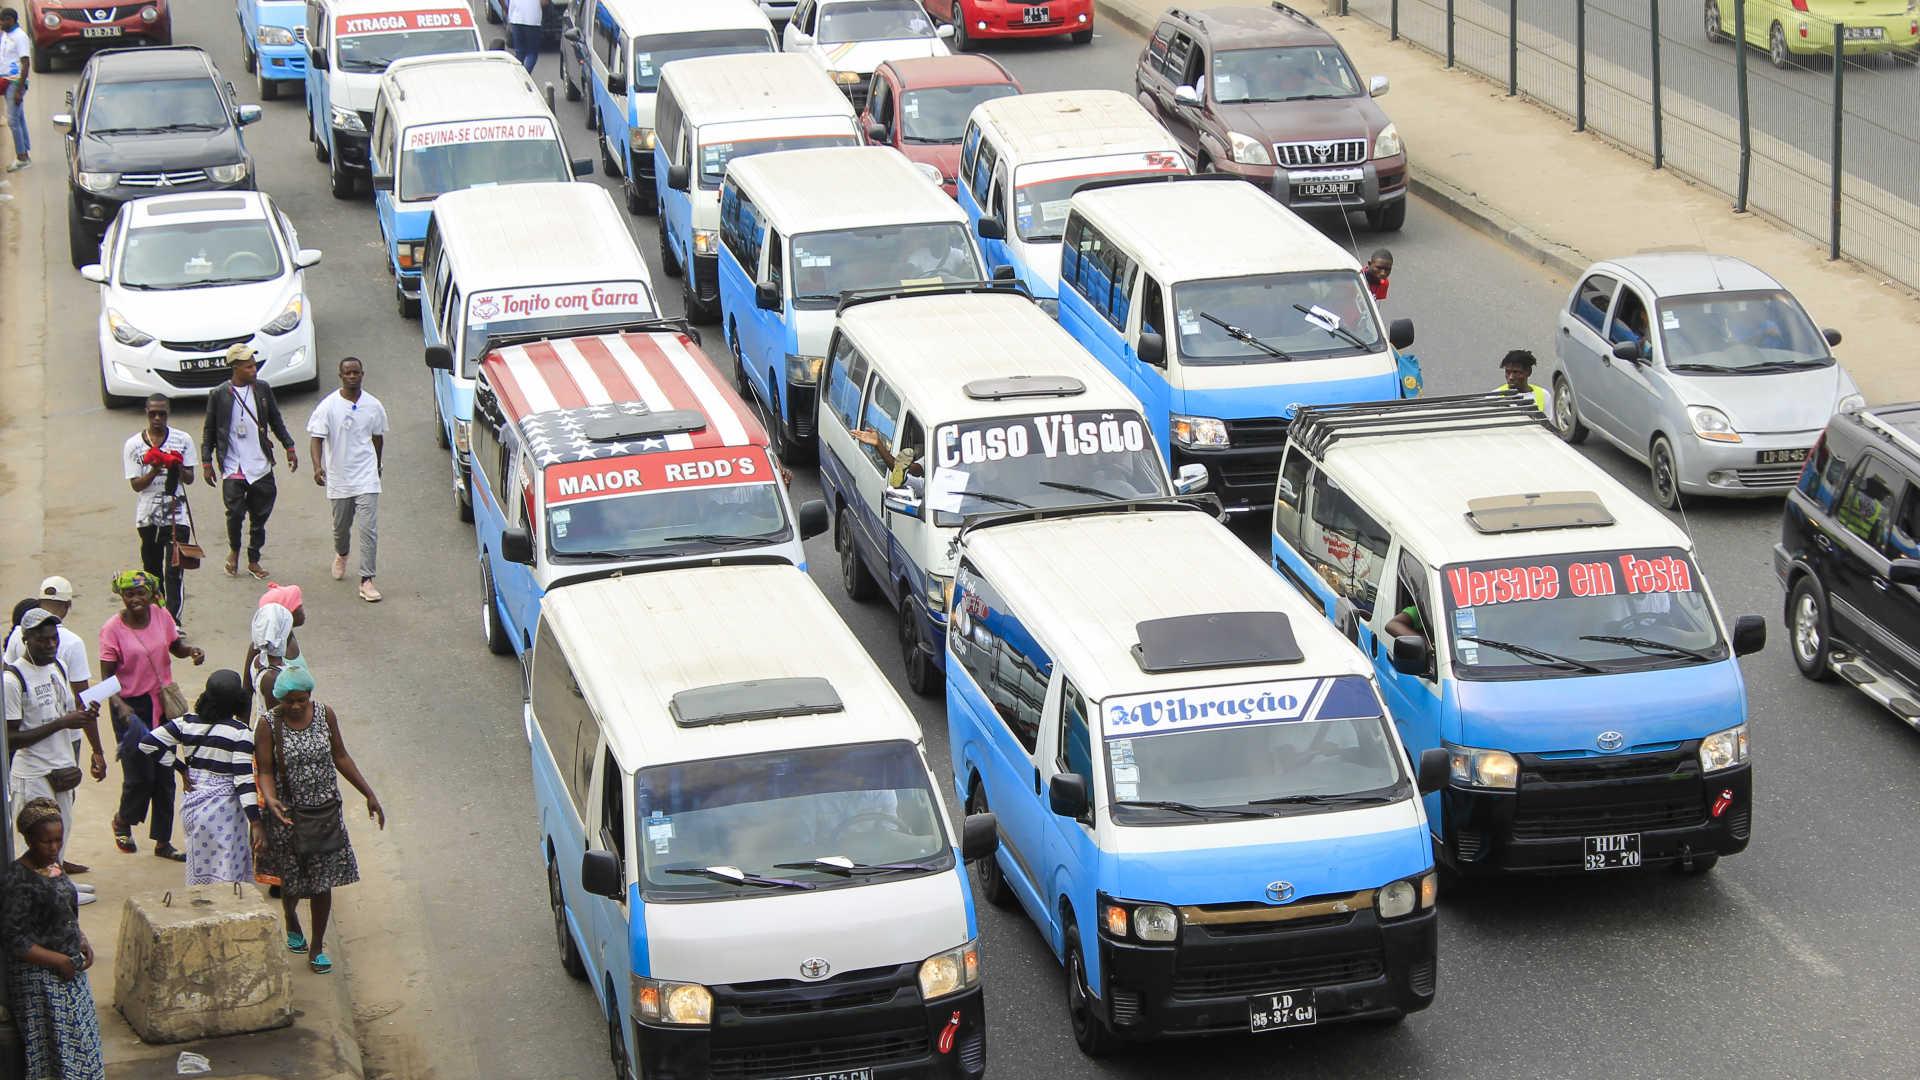 associação de taxistas afasta presidente de direção - TAXISTAS - Associação de taxistas afasta presidente de direção